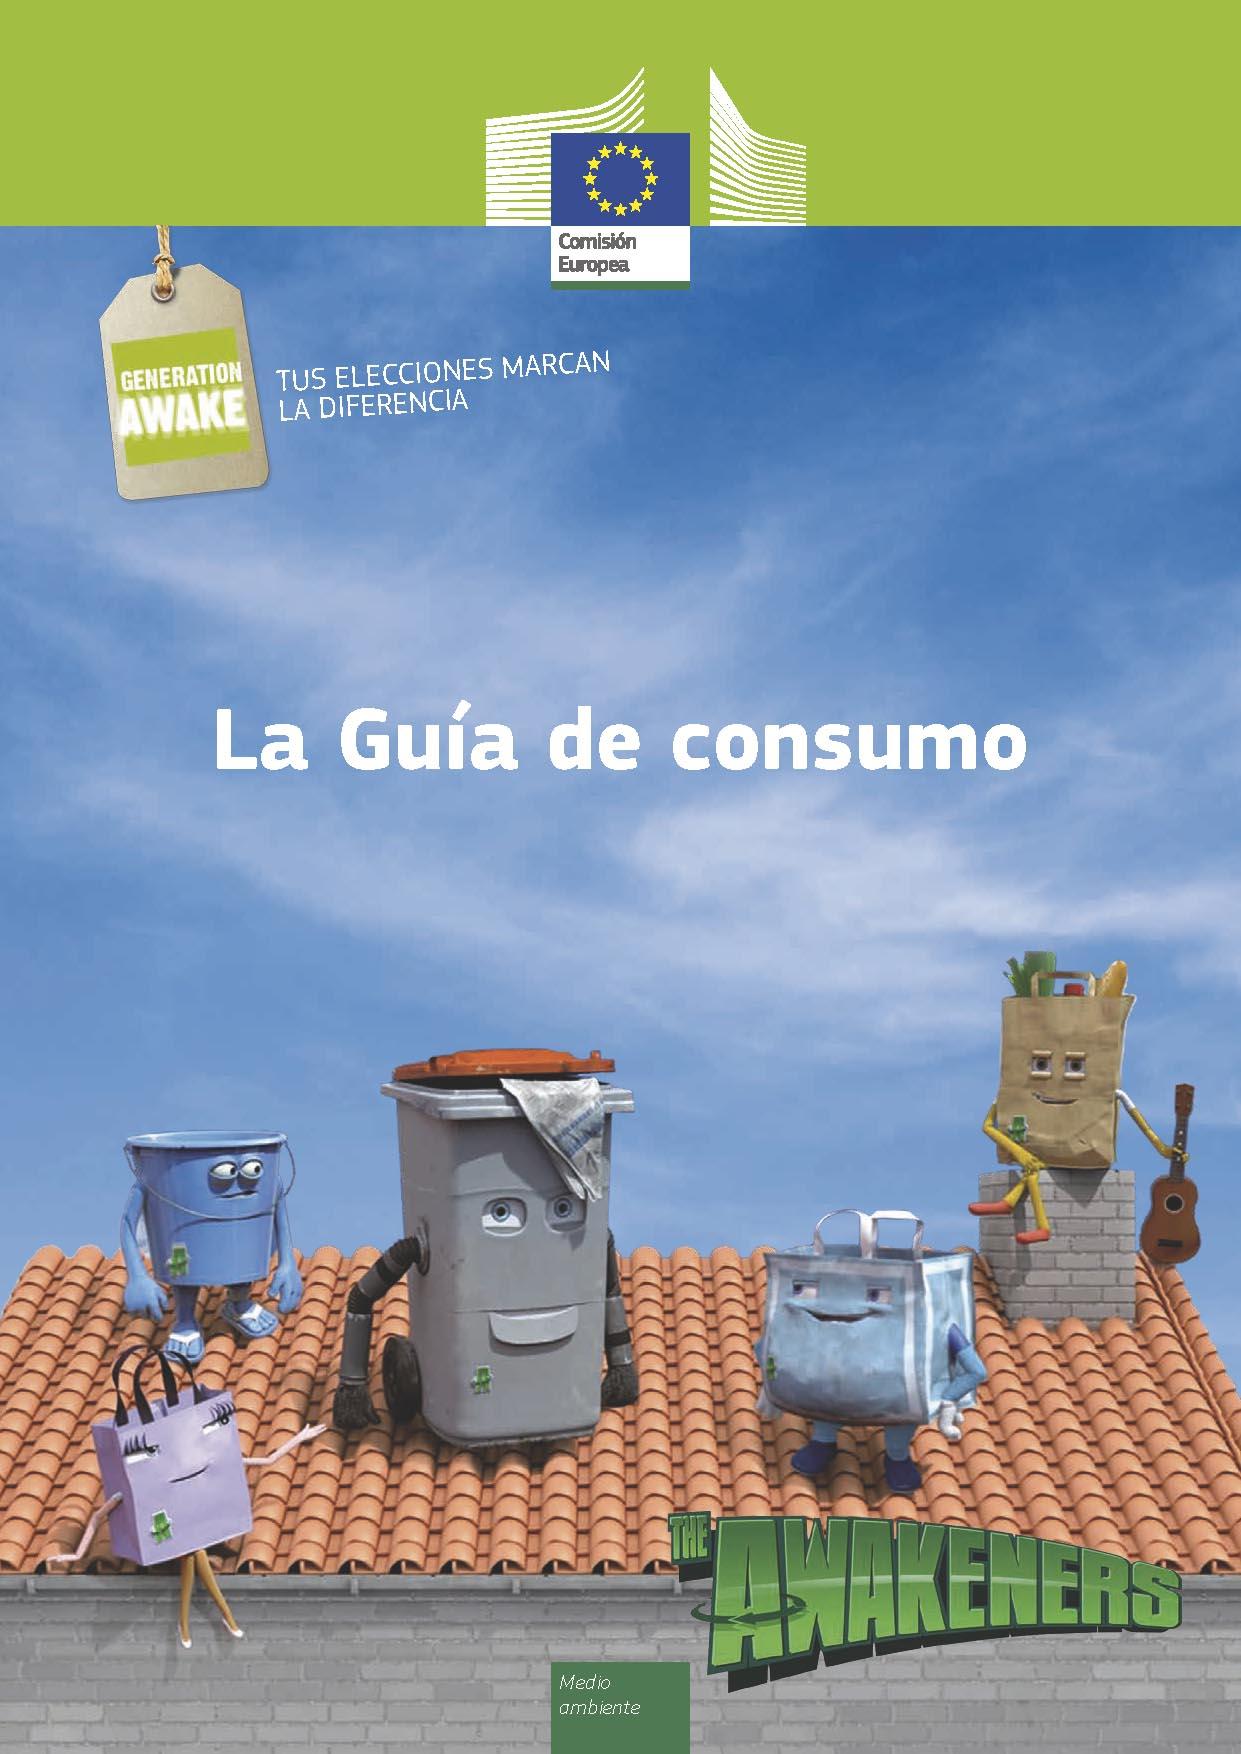 La campaña europea 'Generation Awake' nos ayuda a cuidar el medio ambiente generando riqueza